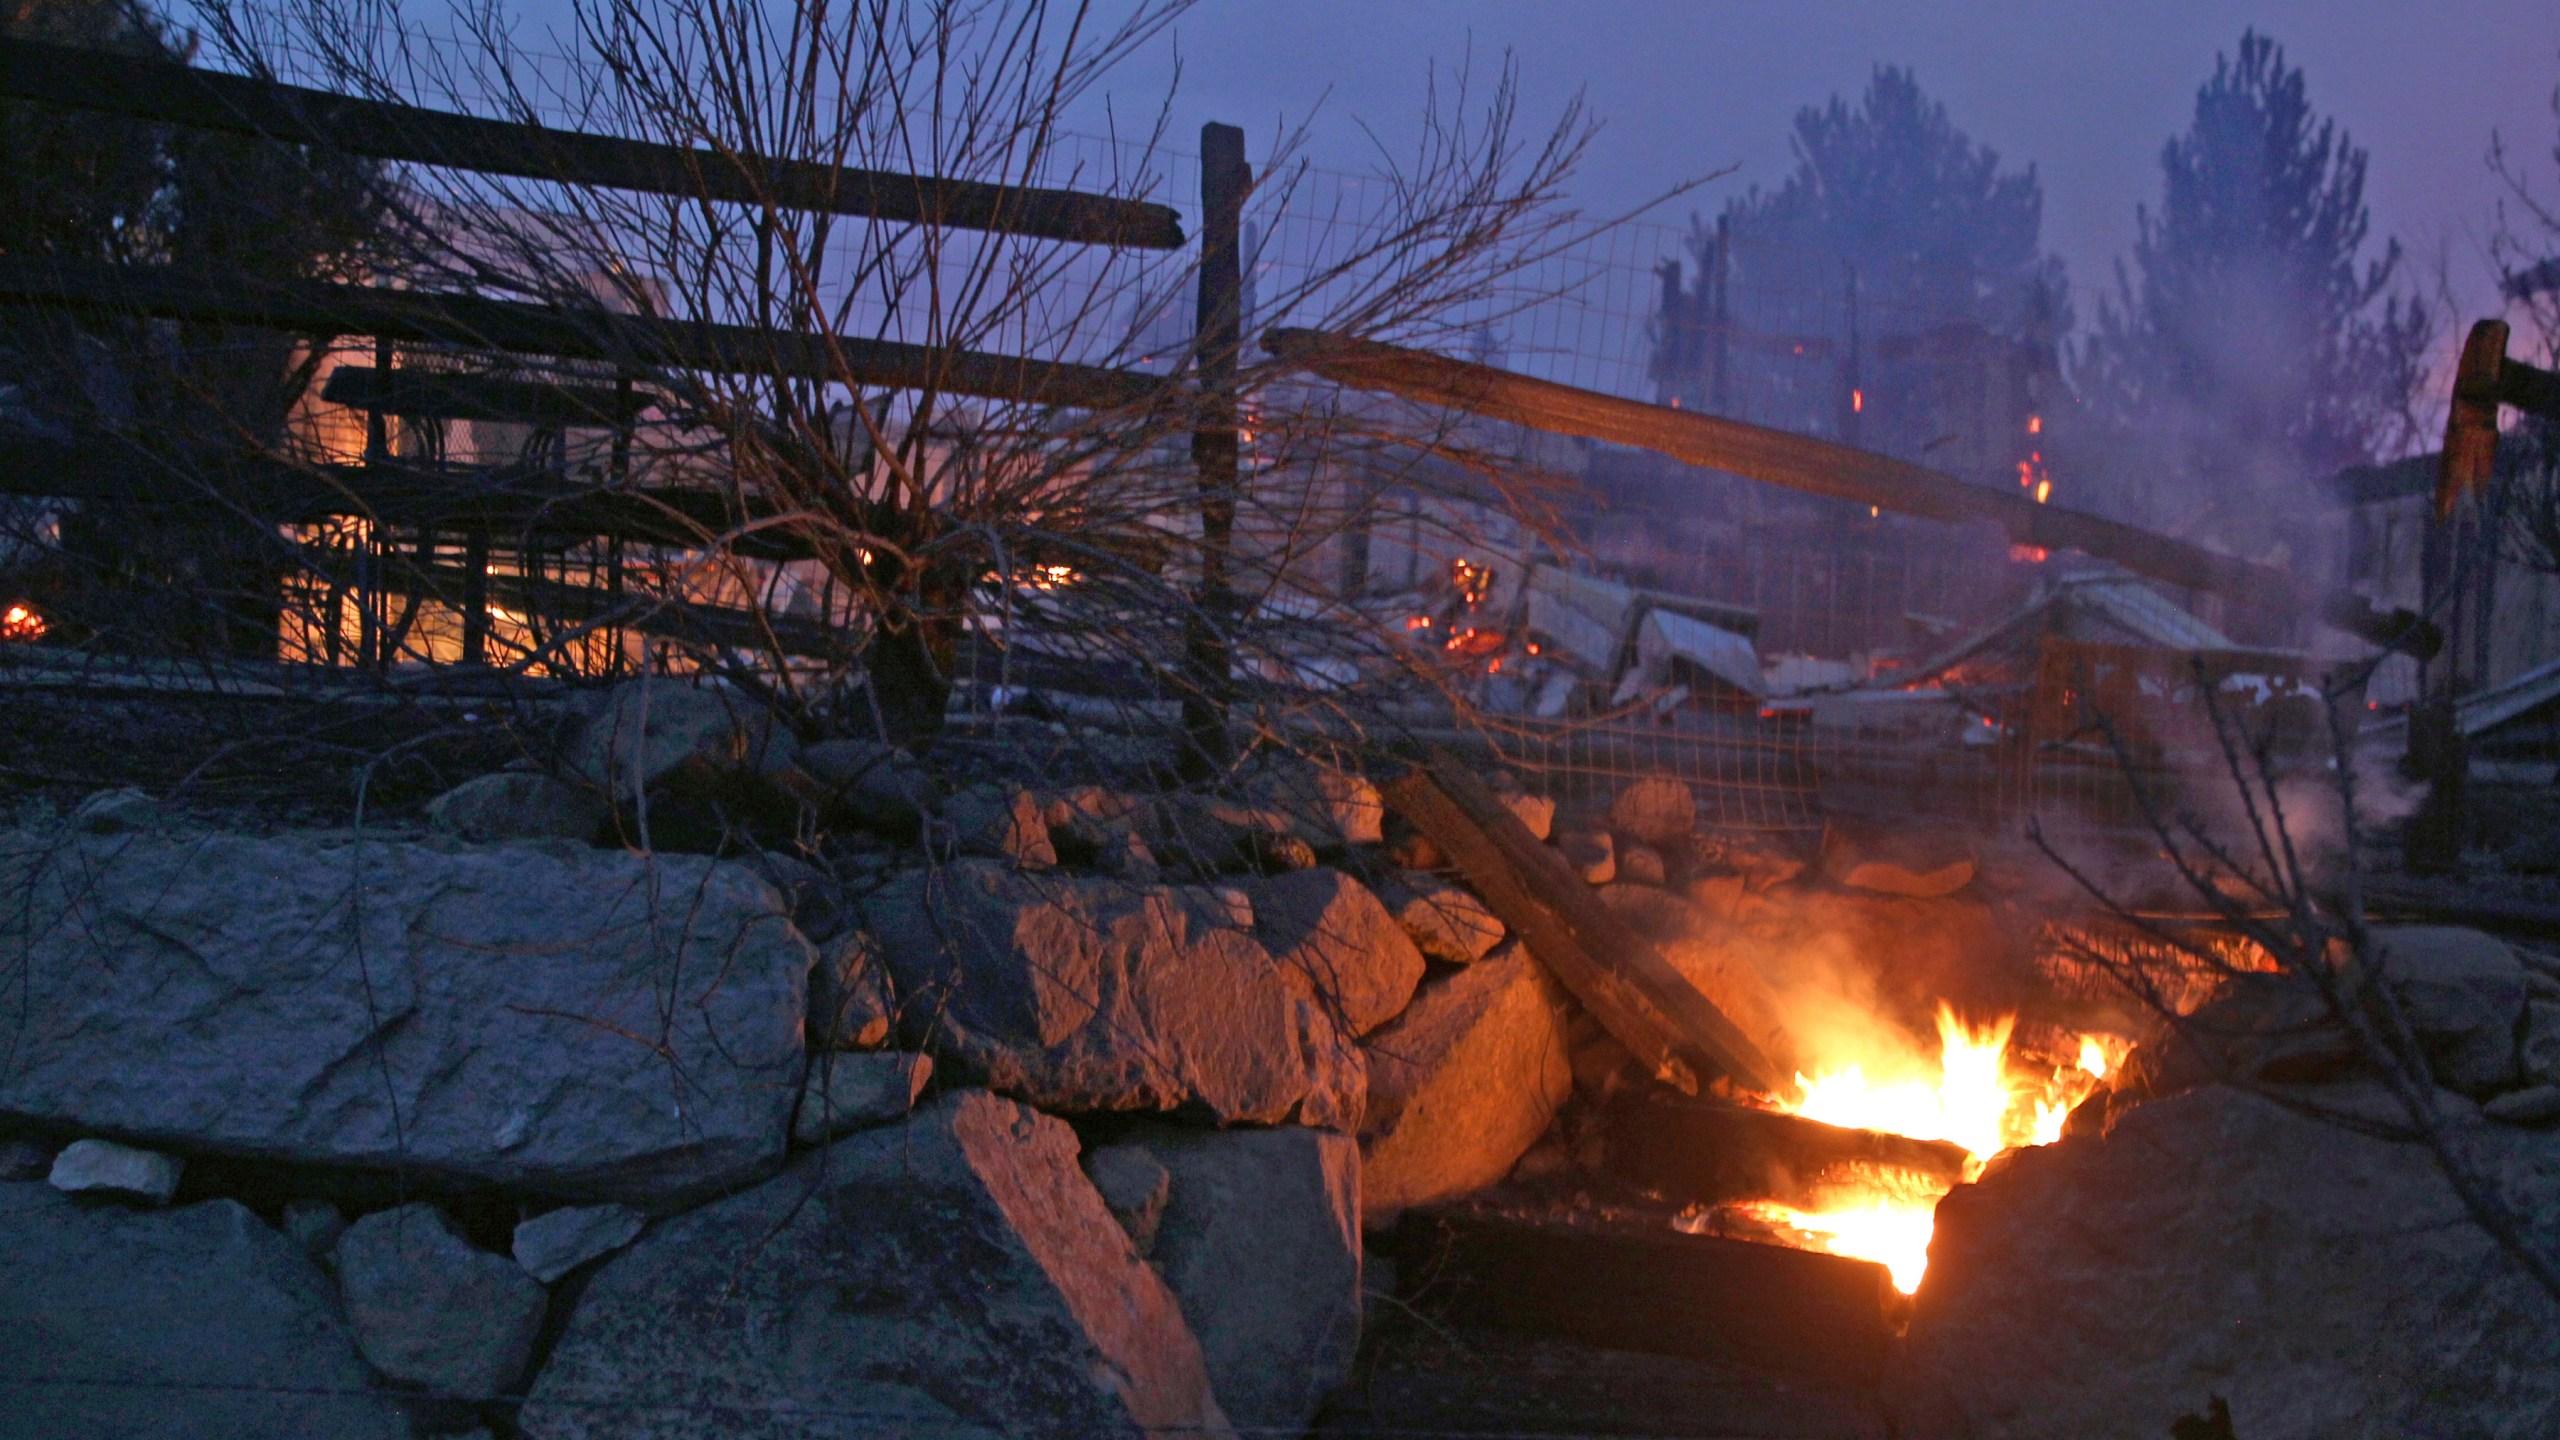 BC-NV--Nevada Wildfires